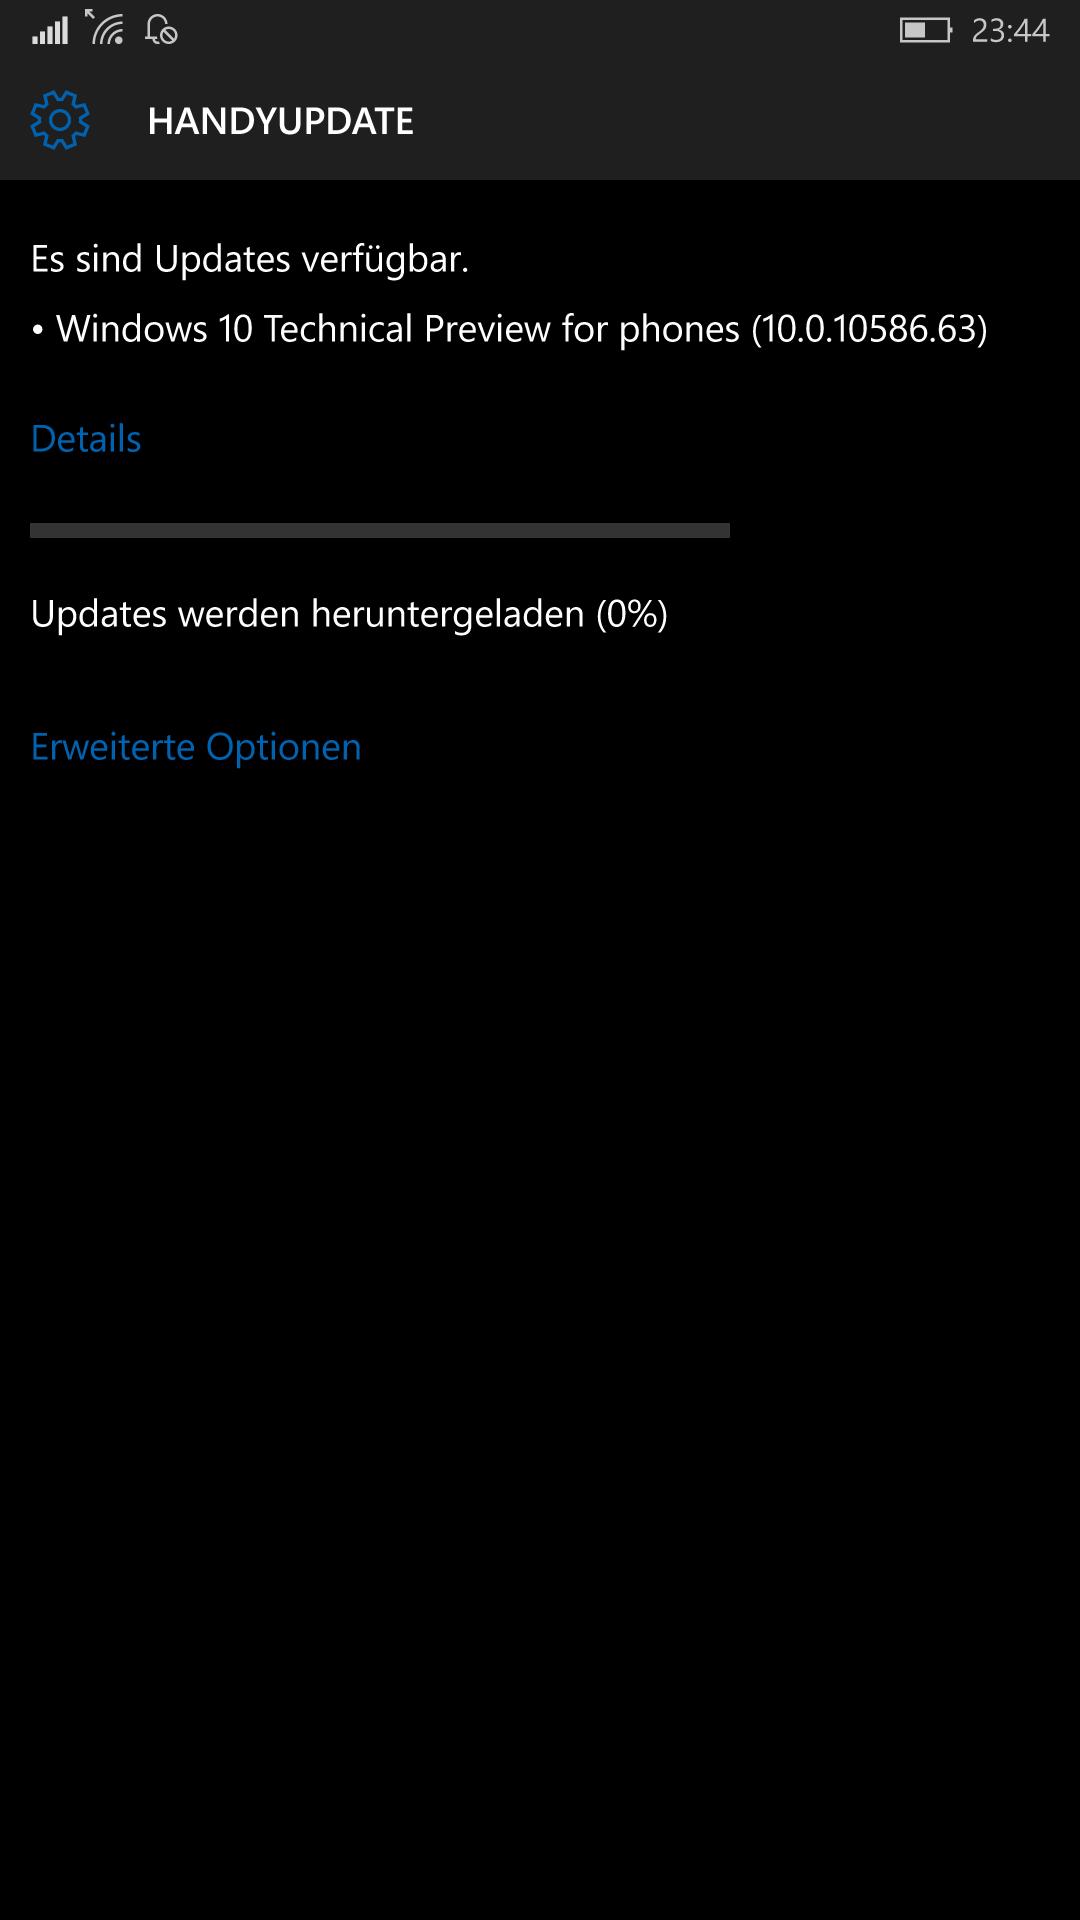 Windows 10 Mobile Insider Update 10.0.10586.63 steht bereit